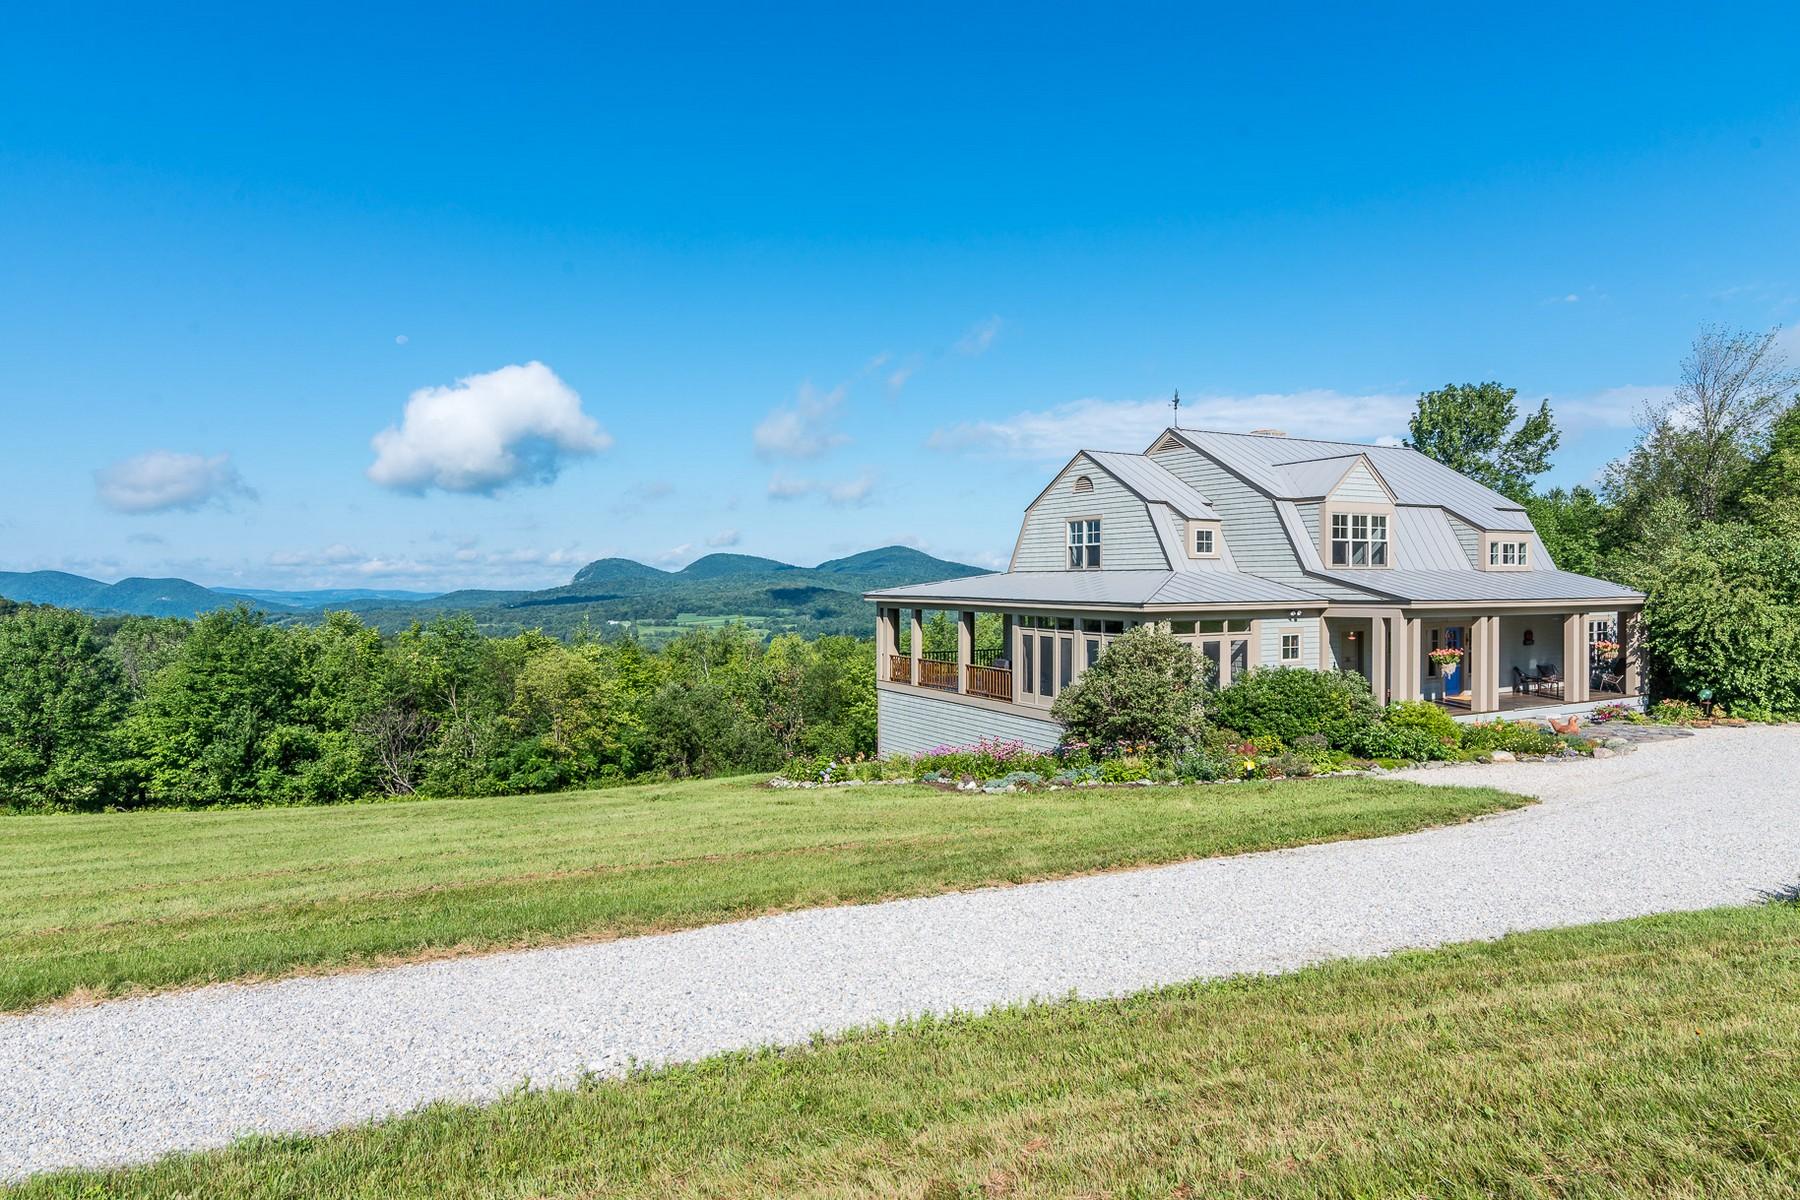 Частный односемейный дом для того Продажа на 1638 Lilly Hill Rd, Danby Danby, Вермонт 05761 Соединенные Штаты